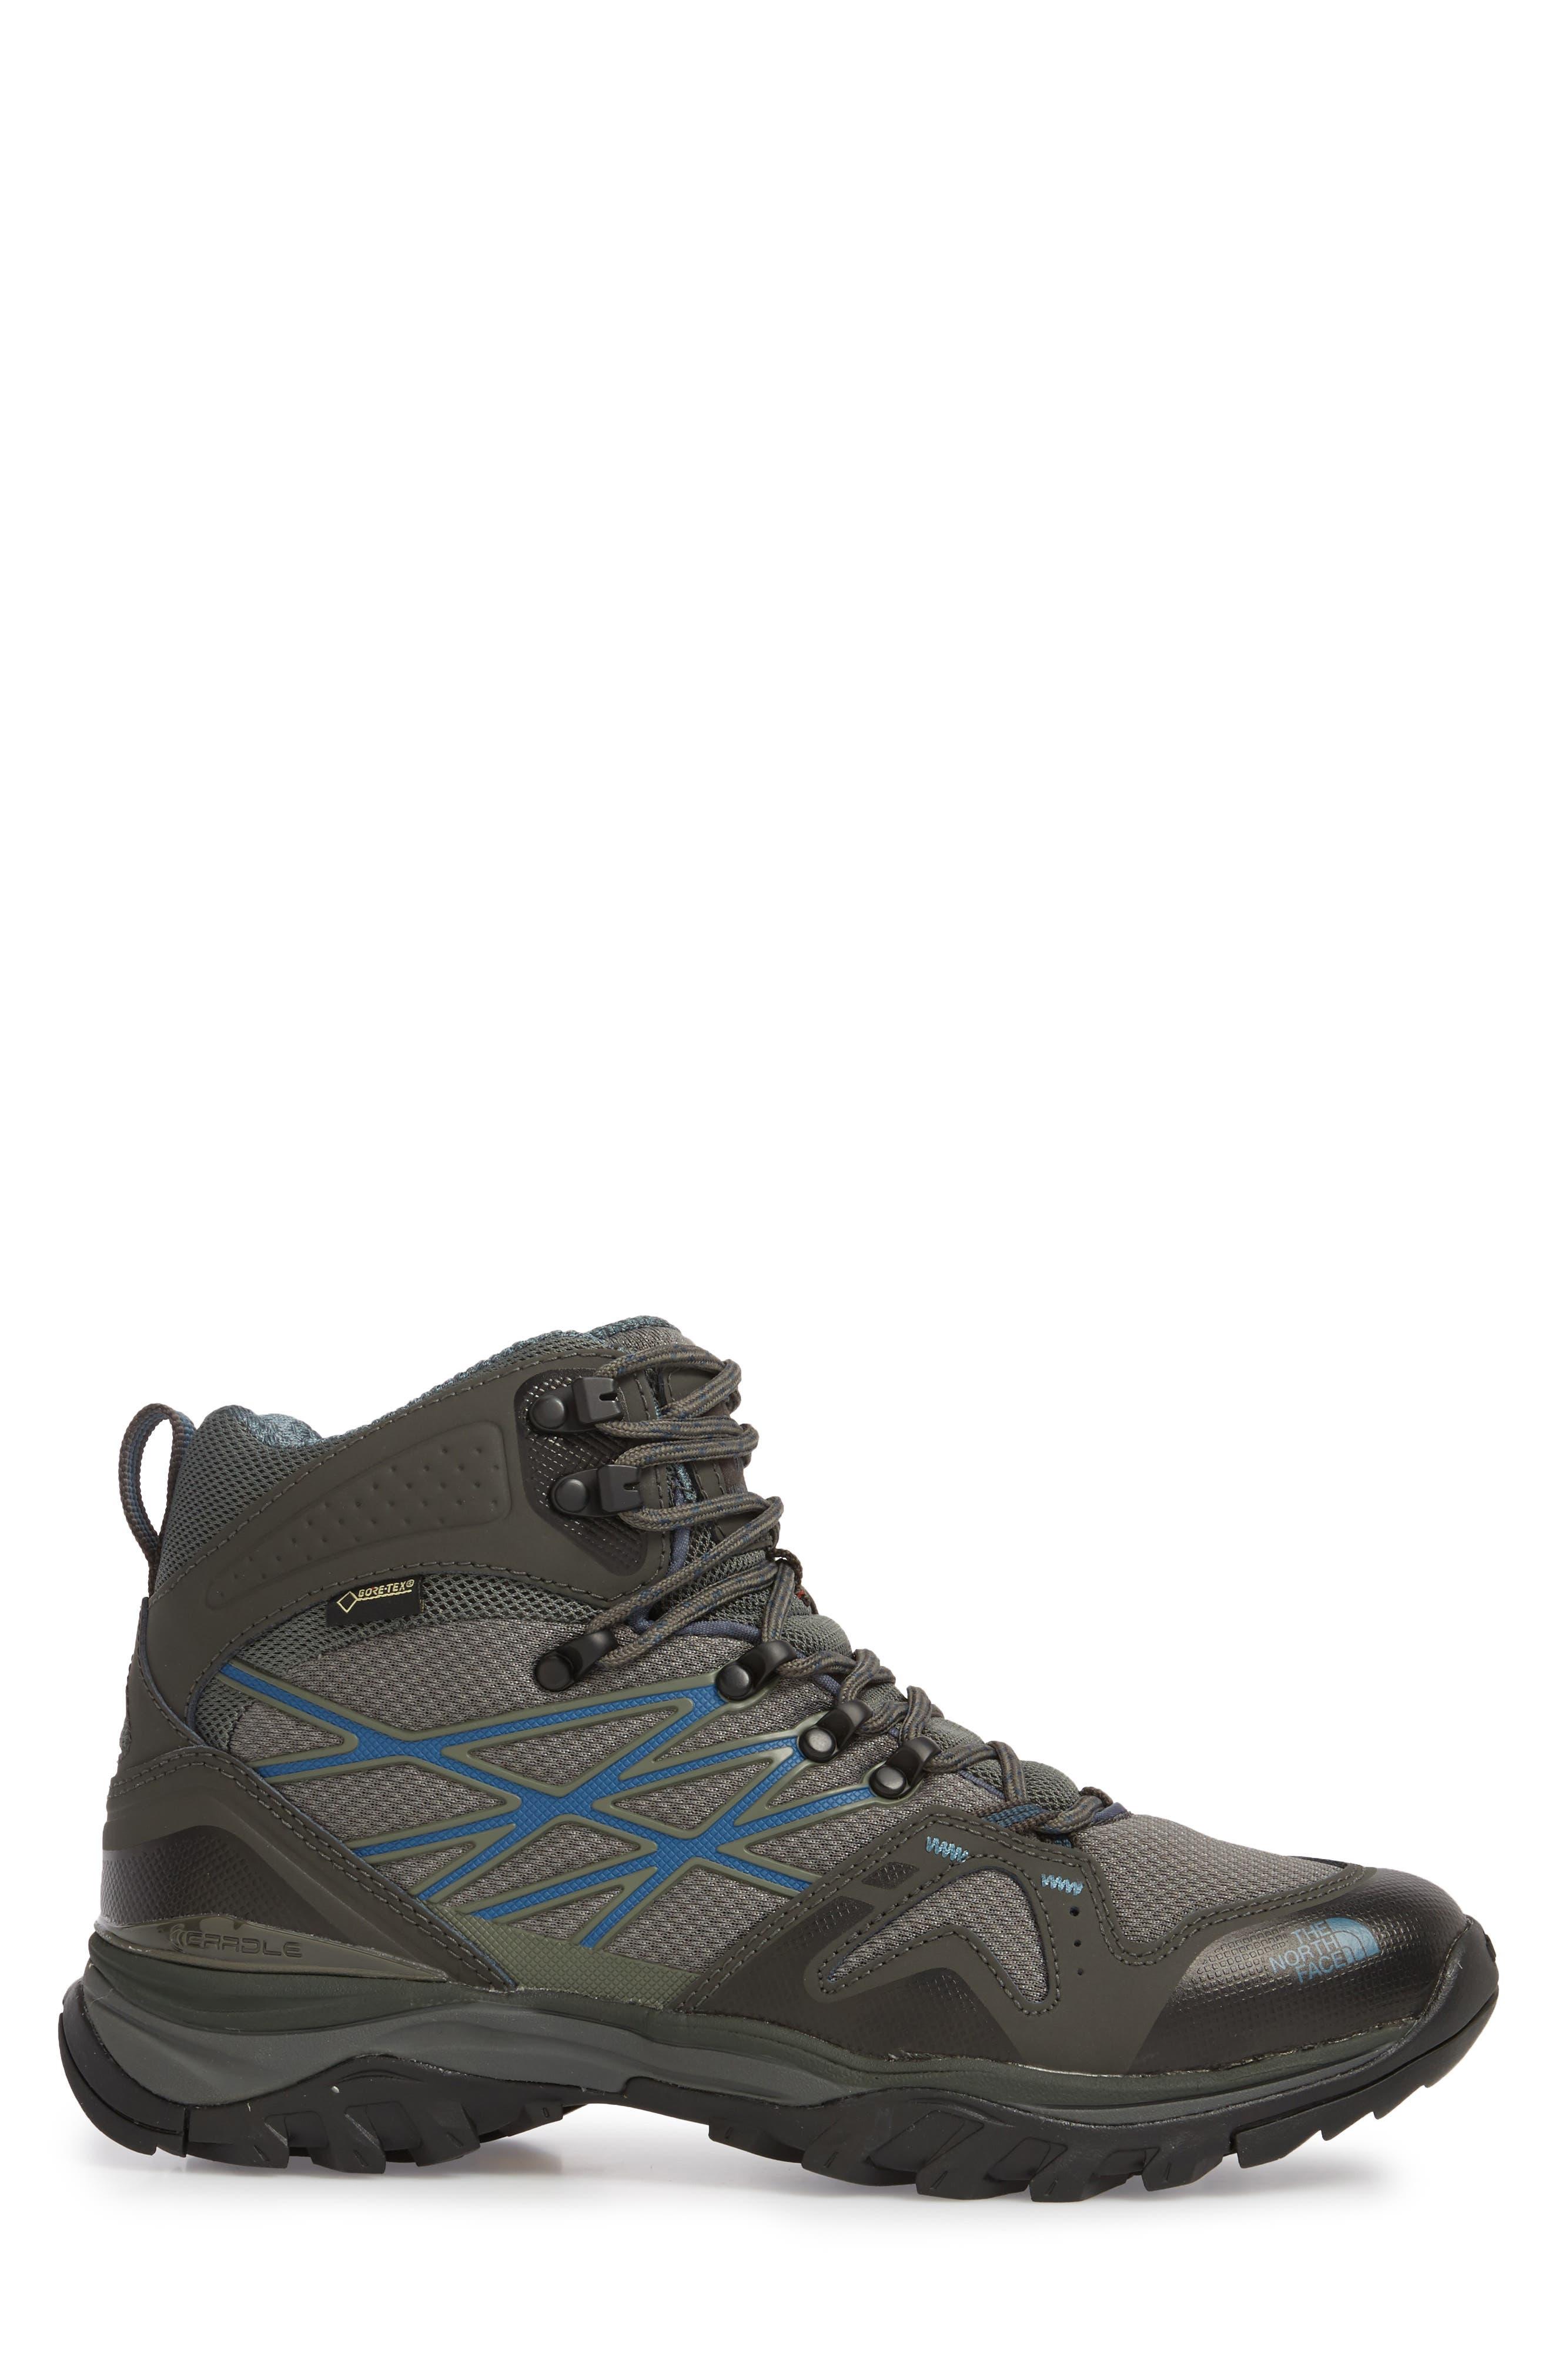 Hedgehog Fastpack Mid Gore-Tex<sup>®</sup> Waterproof Hiking Shoe,                             Alternate thumbnail 3, color,